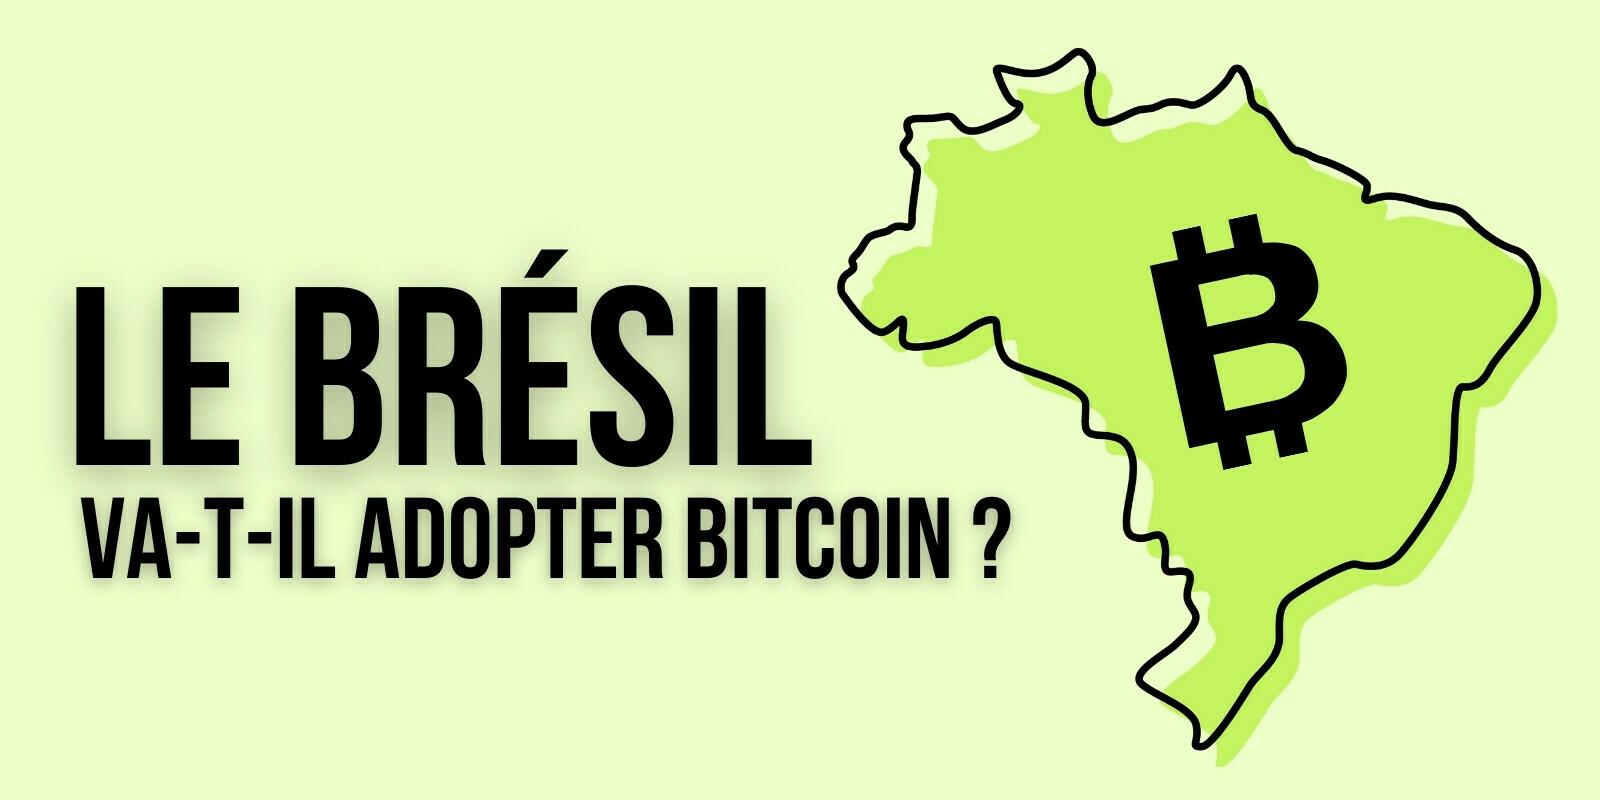 Le Brésil s'apprêterait-il à adopter le Bitcoin (BTC) en tant que monnaie légale?